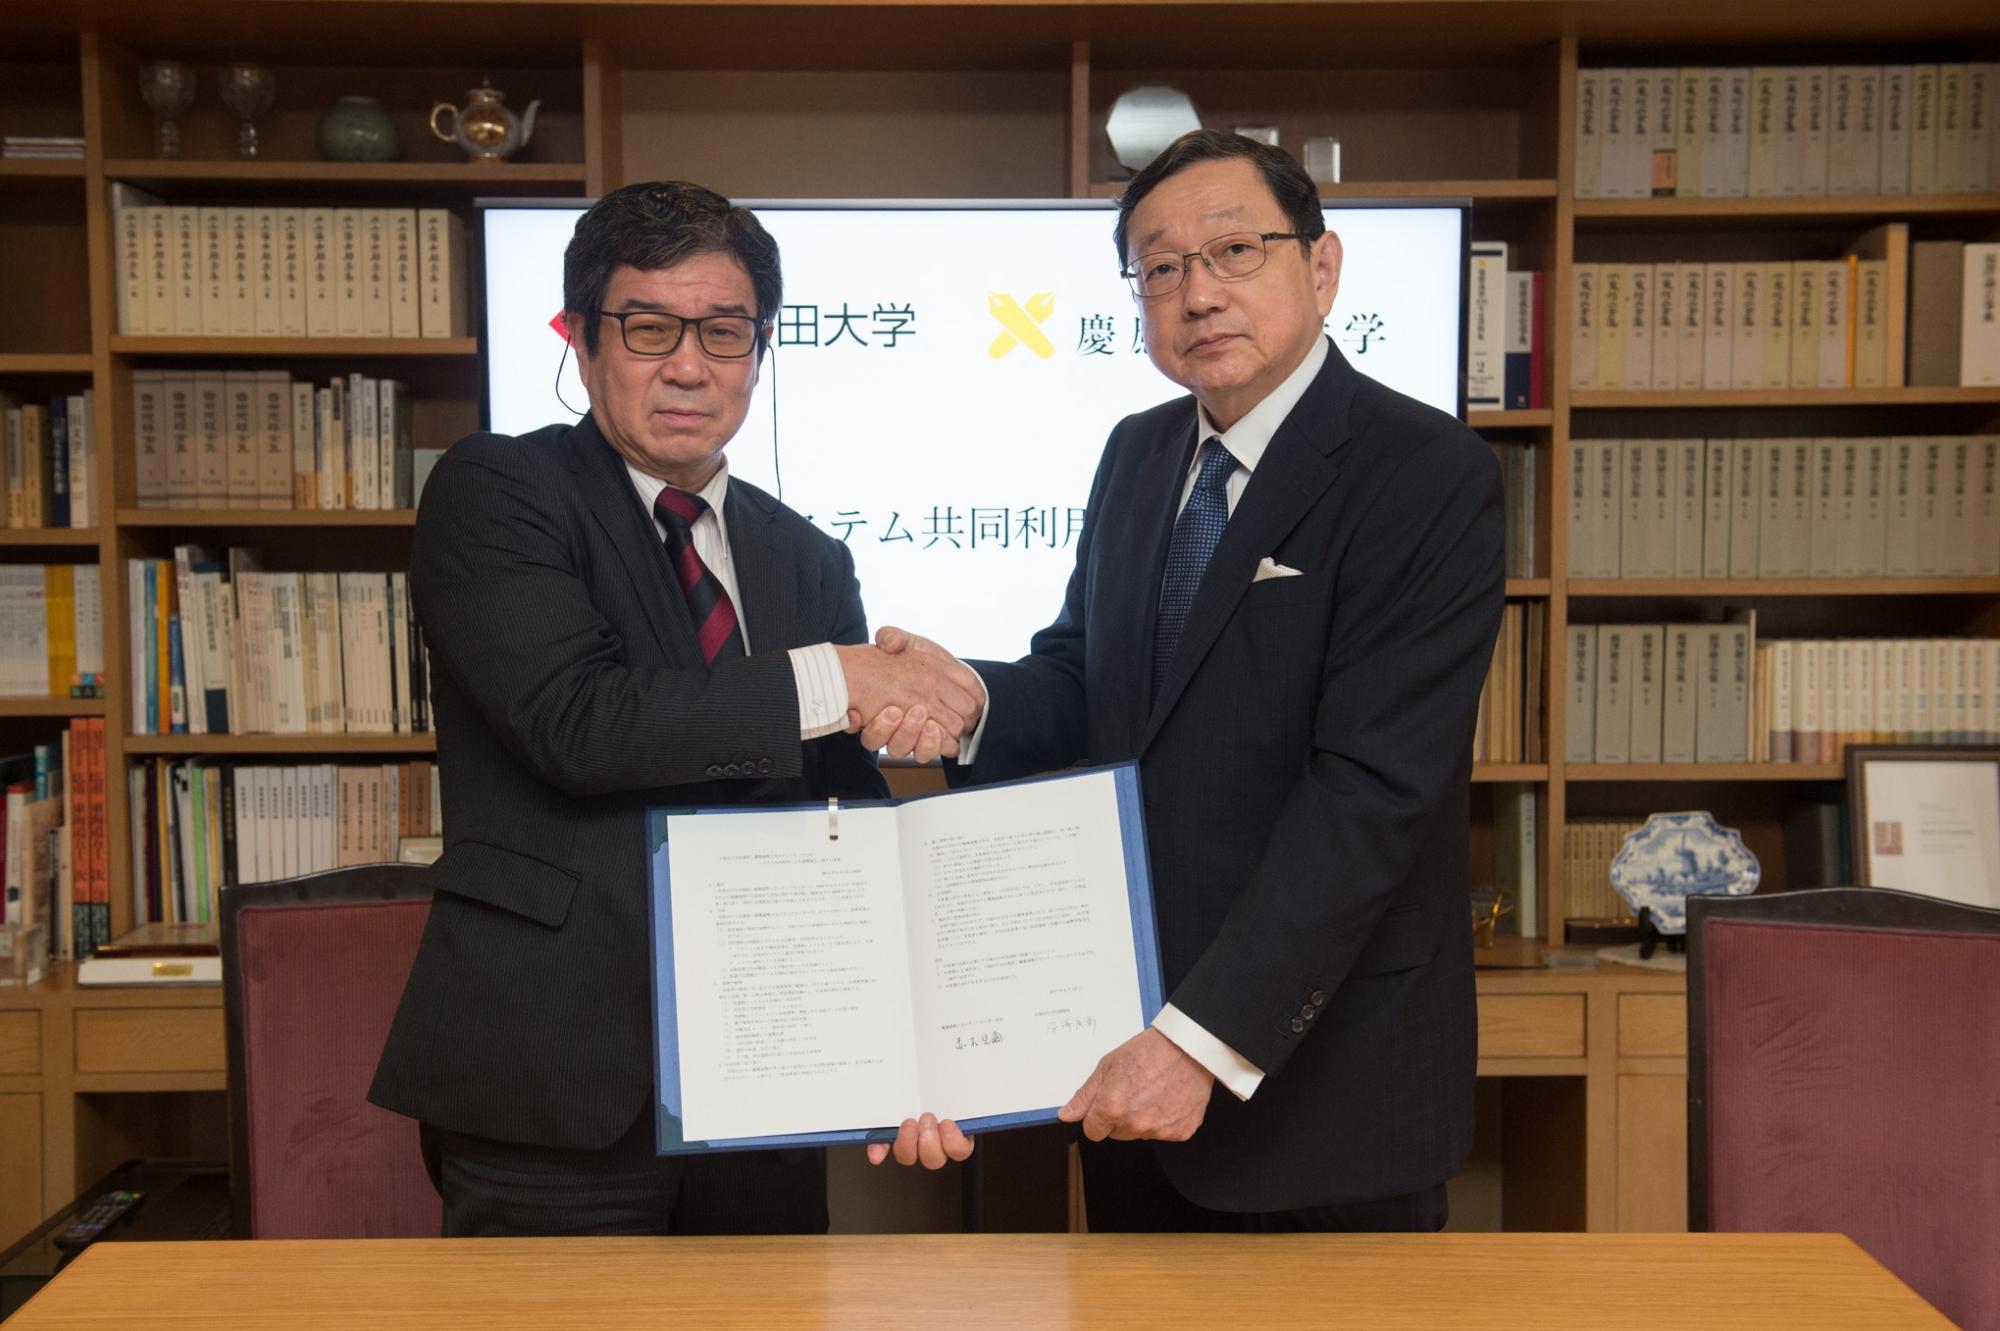 深澤良彰早稲田大学図書館館長、赤木完爾メディアセンター所長